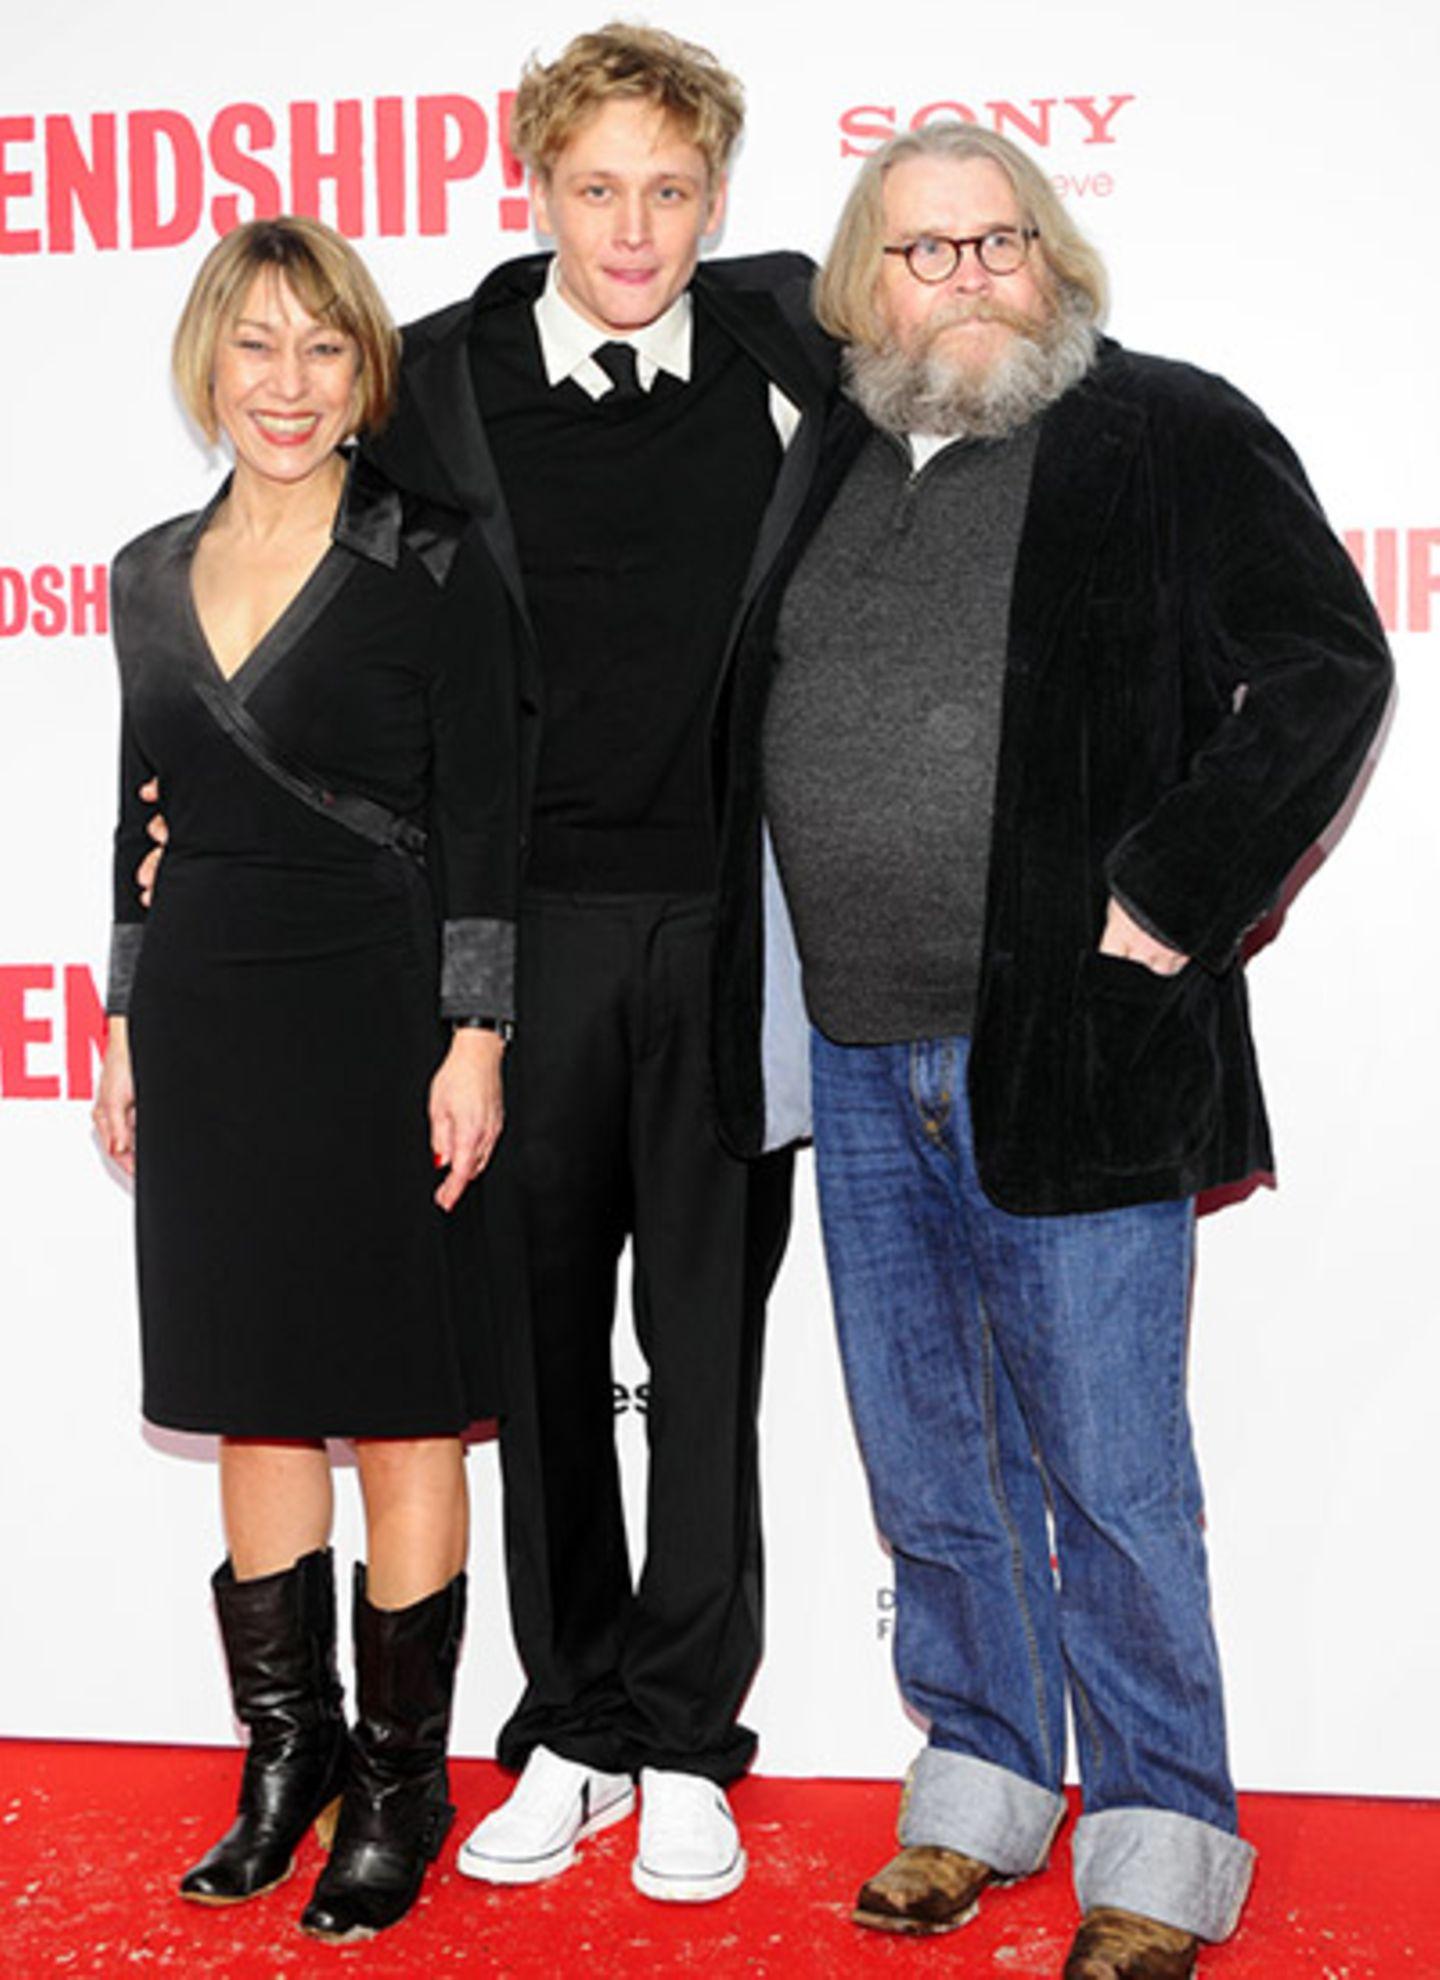 Matthias Schweighöfer und seine Eltern Gitta und Michael. Praktisch - Im Film spielen sie auch seine Filmeltern.